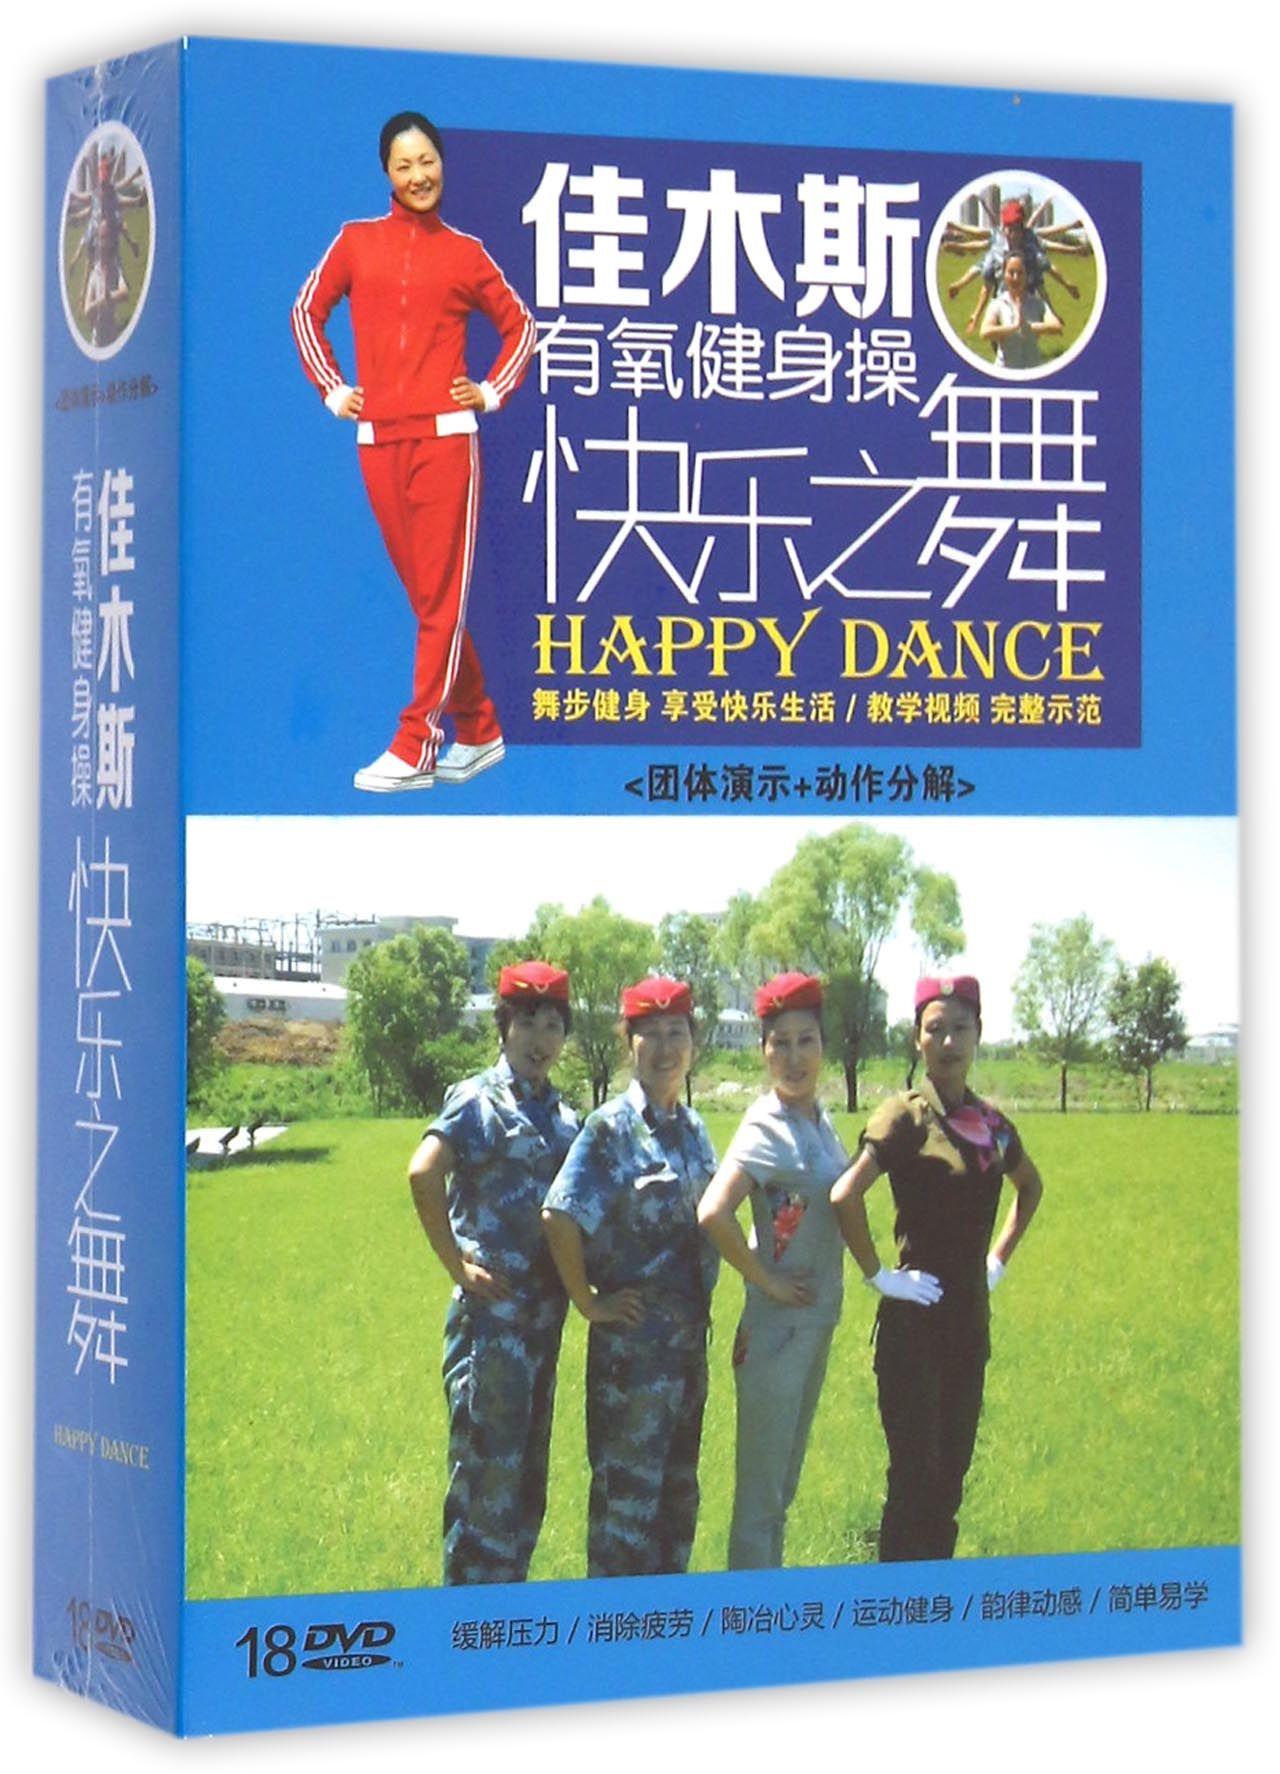 dvd佳木斯有氧健身操快乐之舞(18碟装)